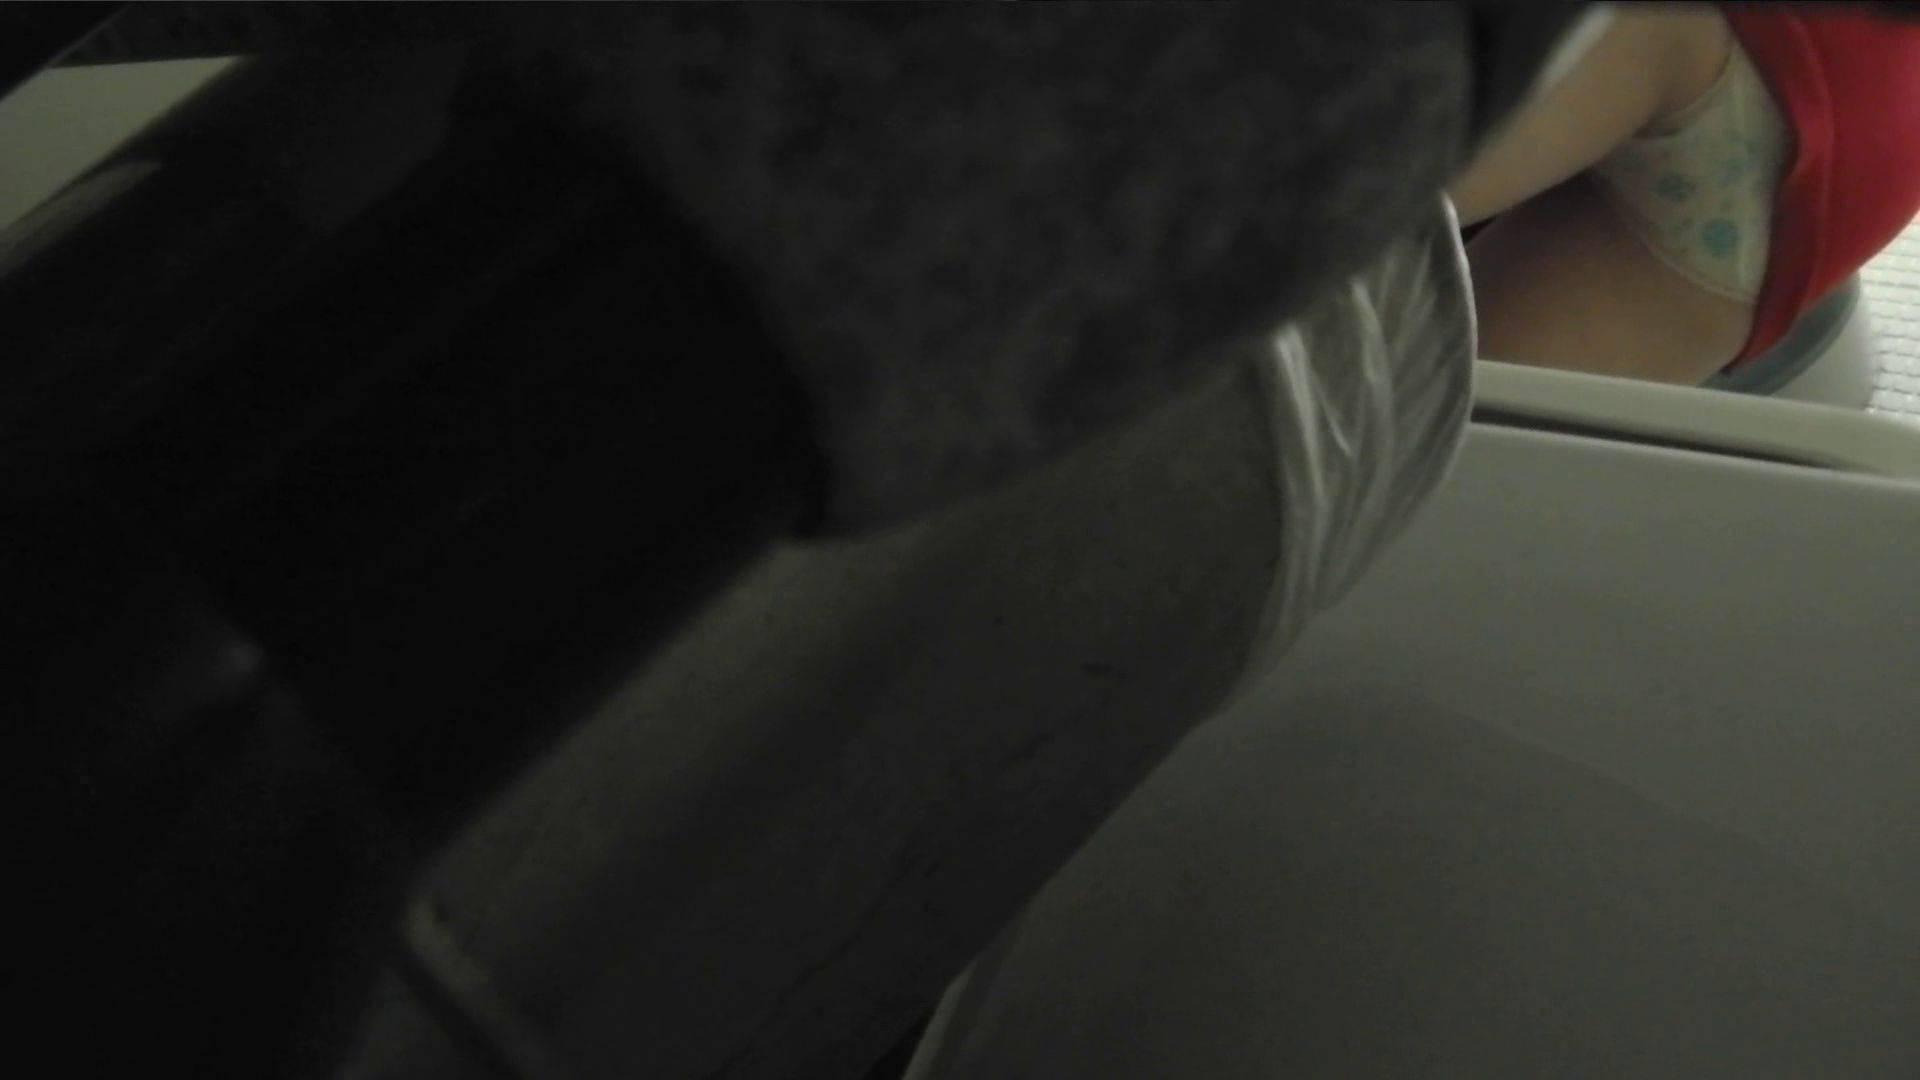 日本成人用品展览会。vol.02 着替えシーンもありマス 着替え オマンコ動画キャプチャ 41連発 5